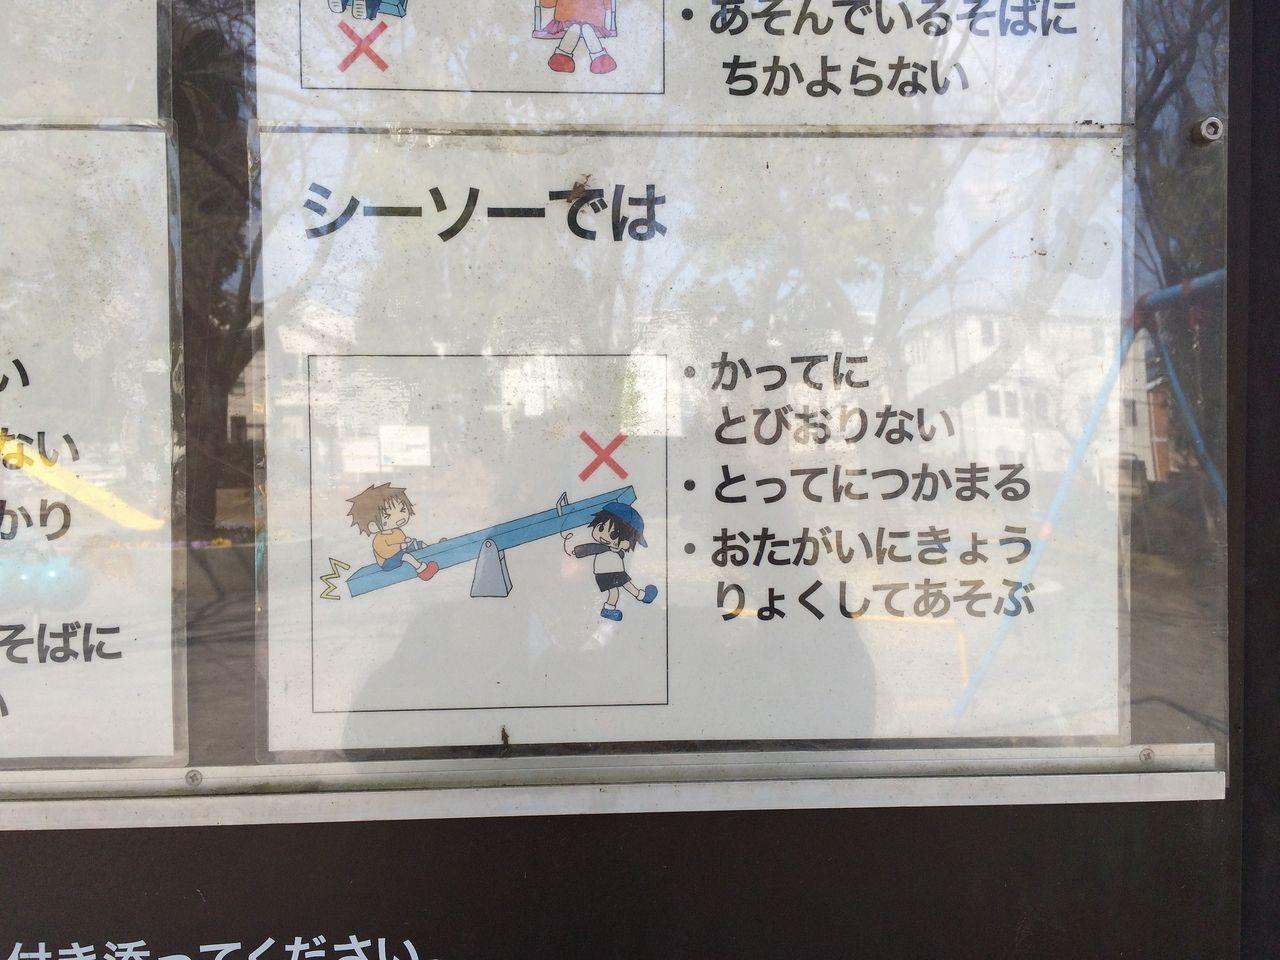 横浜市青葉区美しが丘4丁目の山内公園の遊具場のシーソーの遊び方。